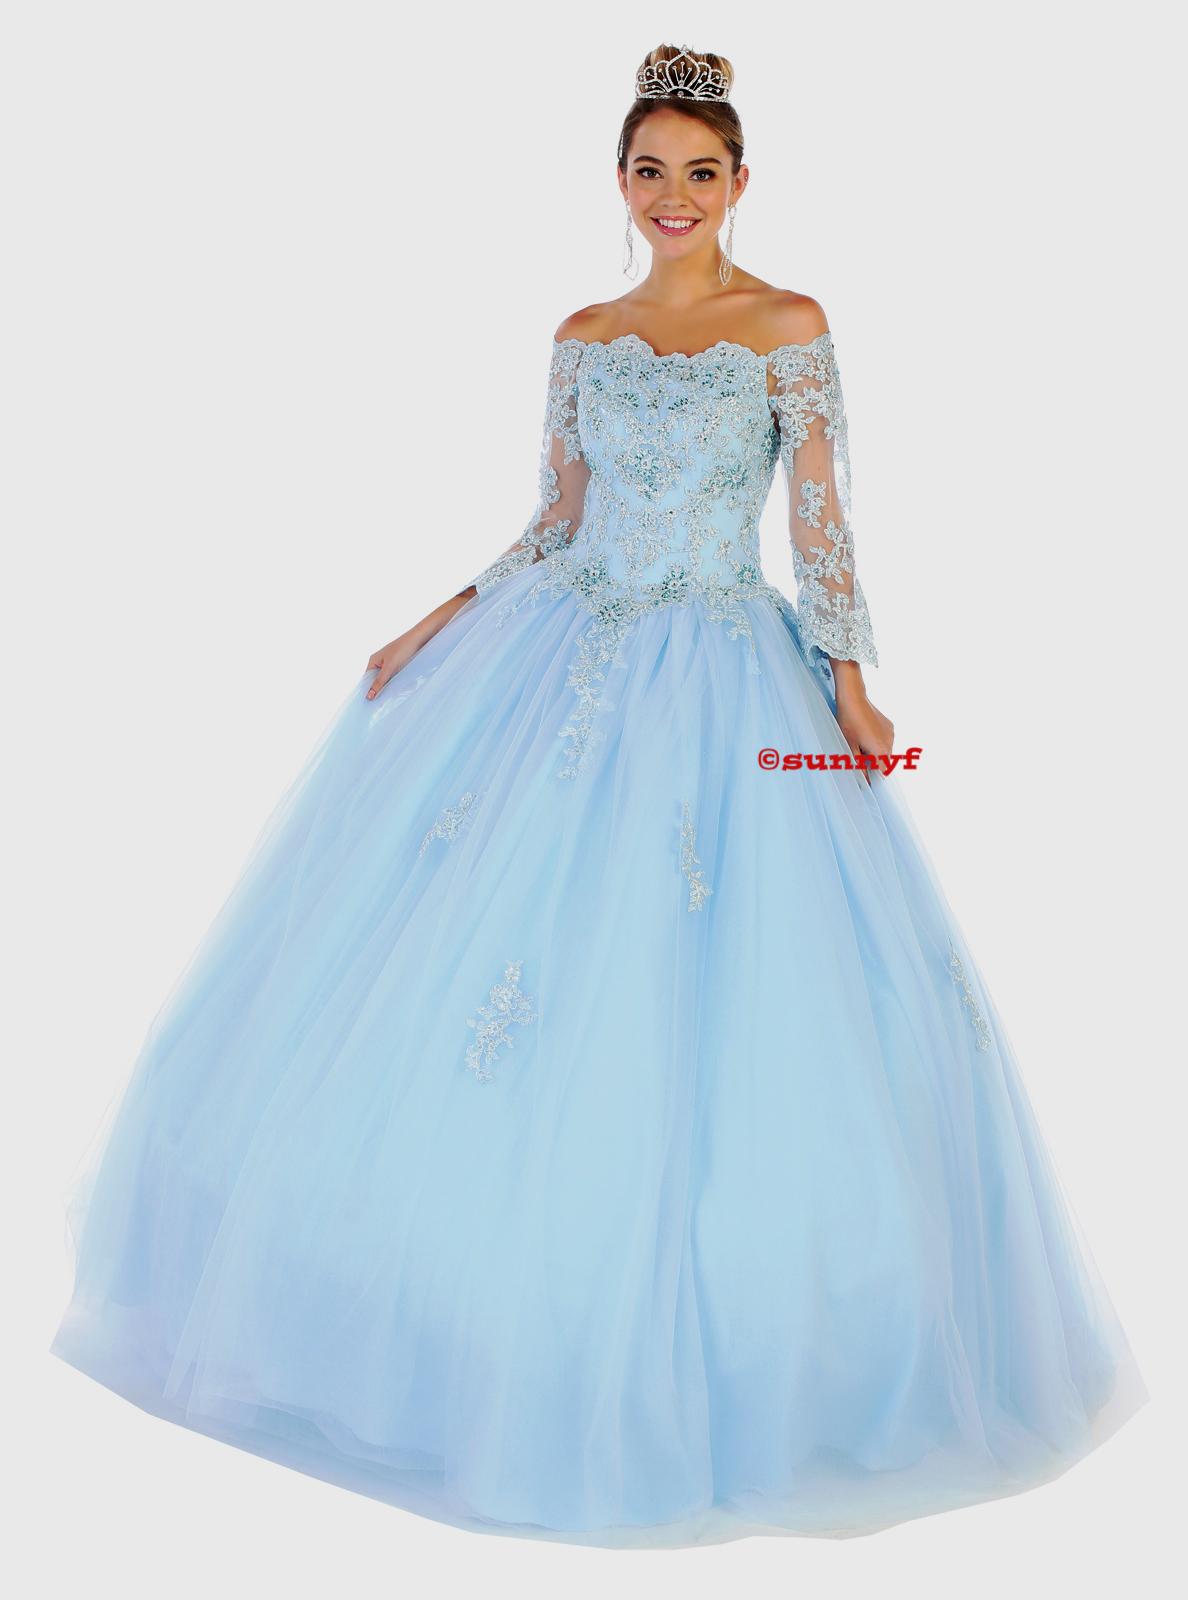 Abendkleid Ballkleid Silberbrautkleid Verlobungskleid Hochzeitskleid mit  Ärmeln hellblau